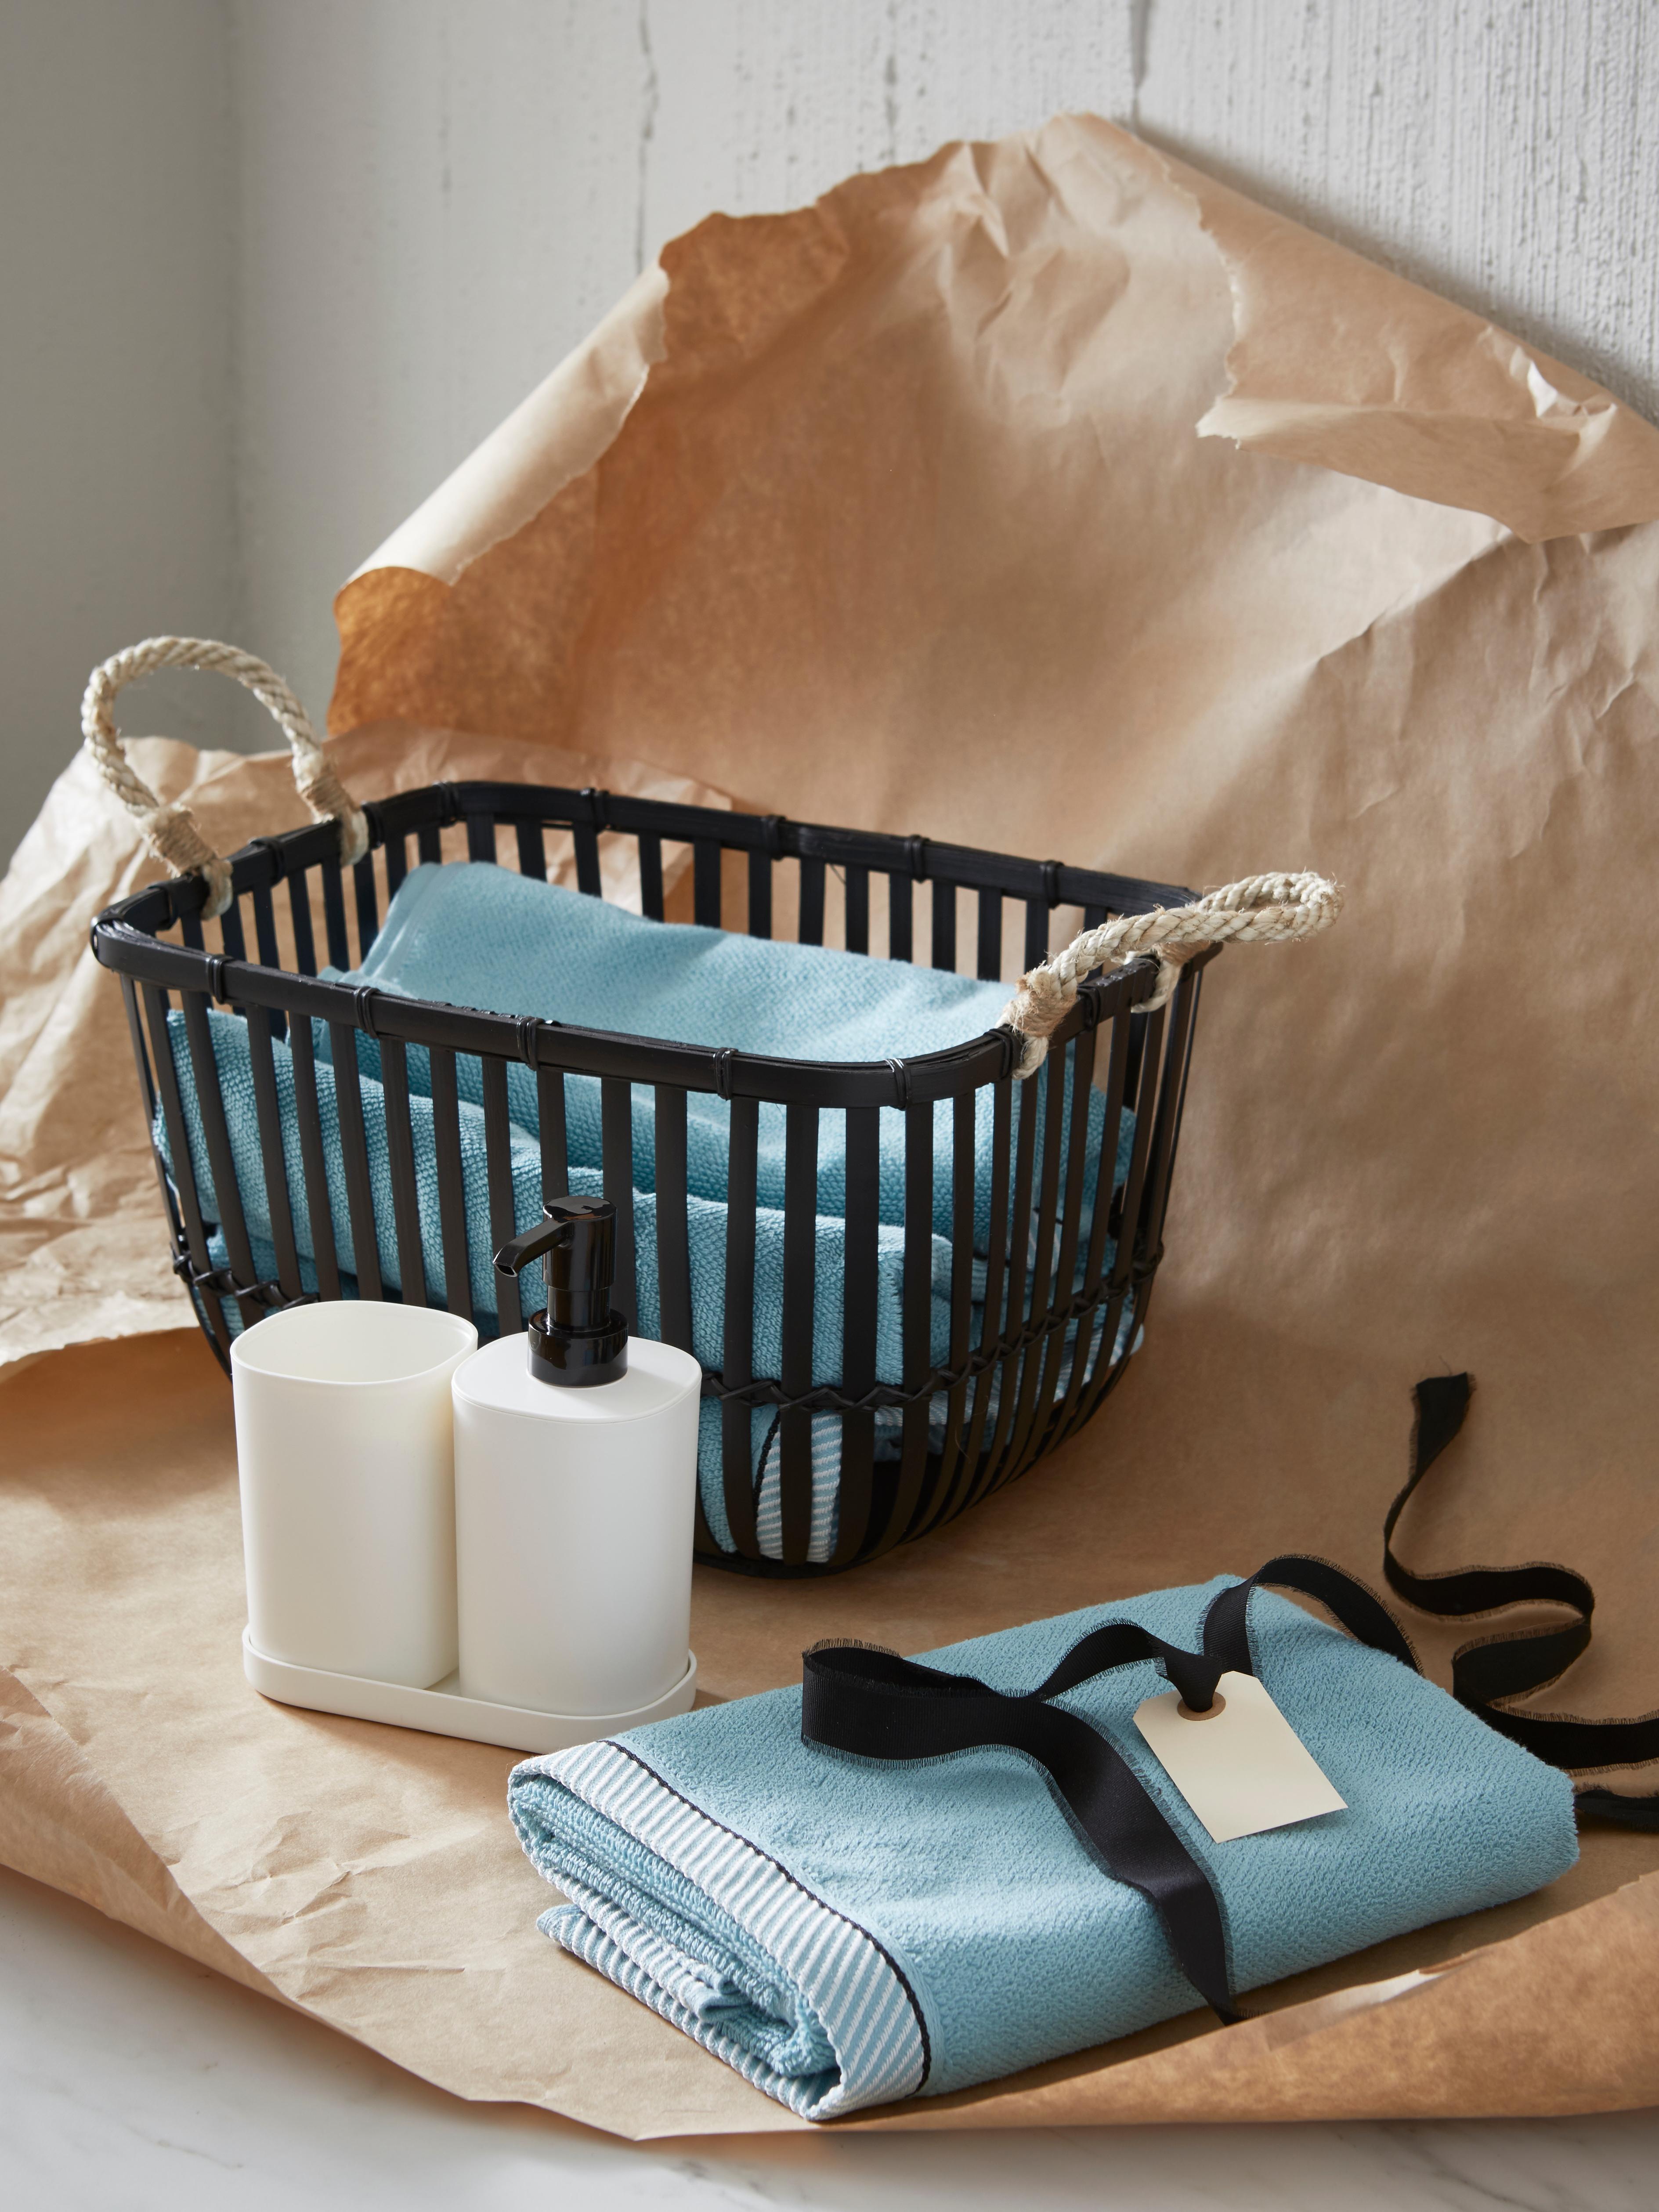 STORAVAN kupaonski set s dozatorom, plavim ručnicima u košari na smeđem papiru za omatanje s crnom vrpcom.